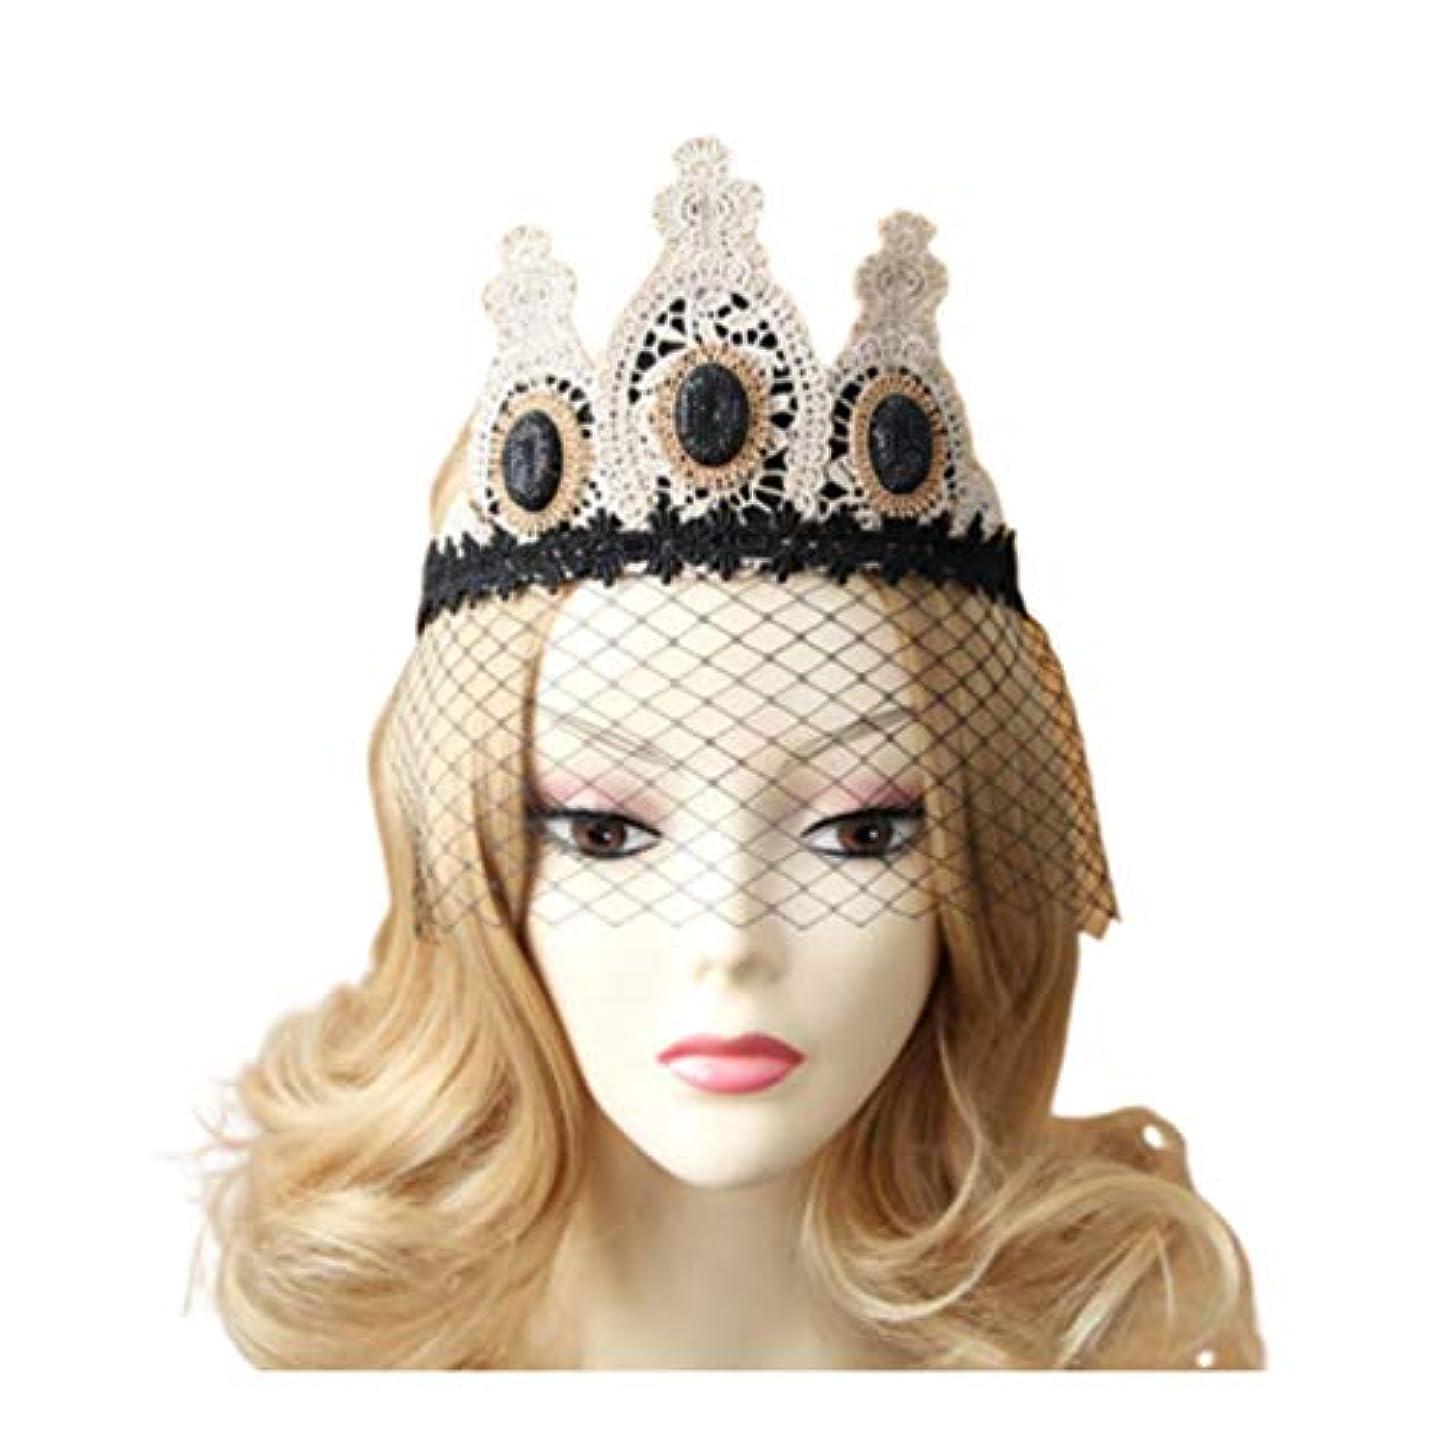 カヌー意志団結Lurrose レースクラウンヴィンテージゴシックメッシュベールヘッドバンドレースベール帽子ハロウィンヘア装飾用女性女性